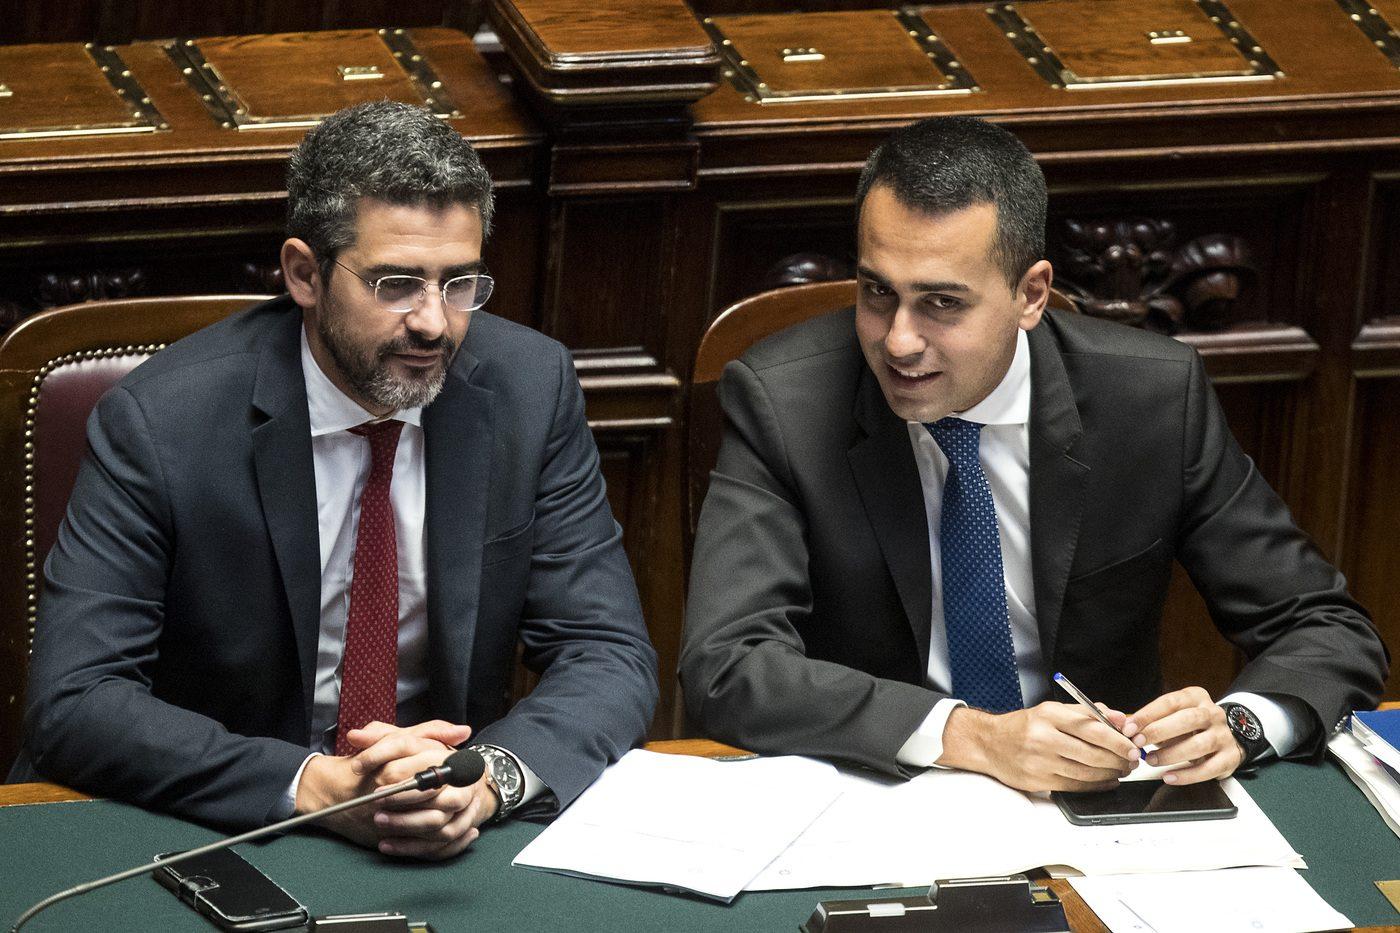 Riduzione dei parlamentari e taglio delle pensioni d 39 oro for Numero parlamentari m5s